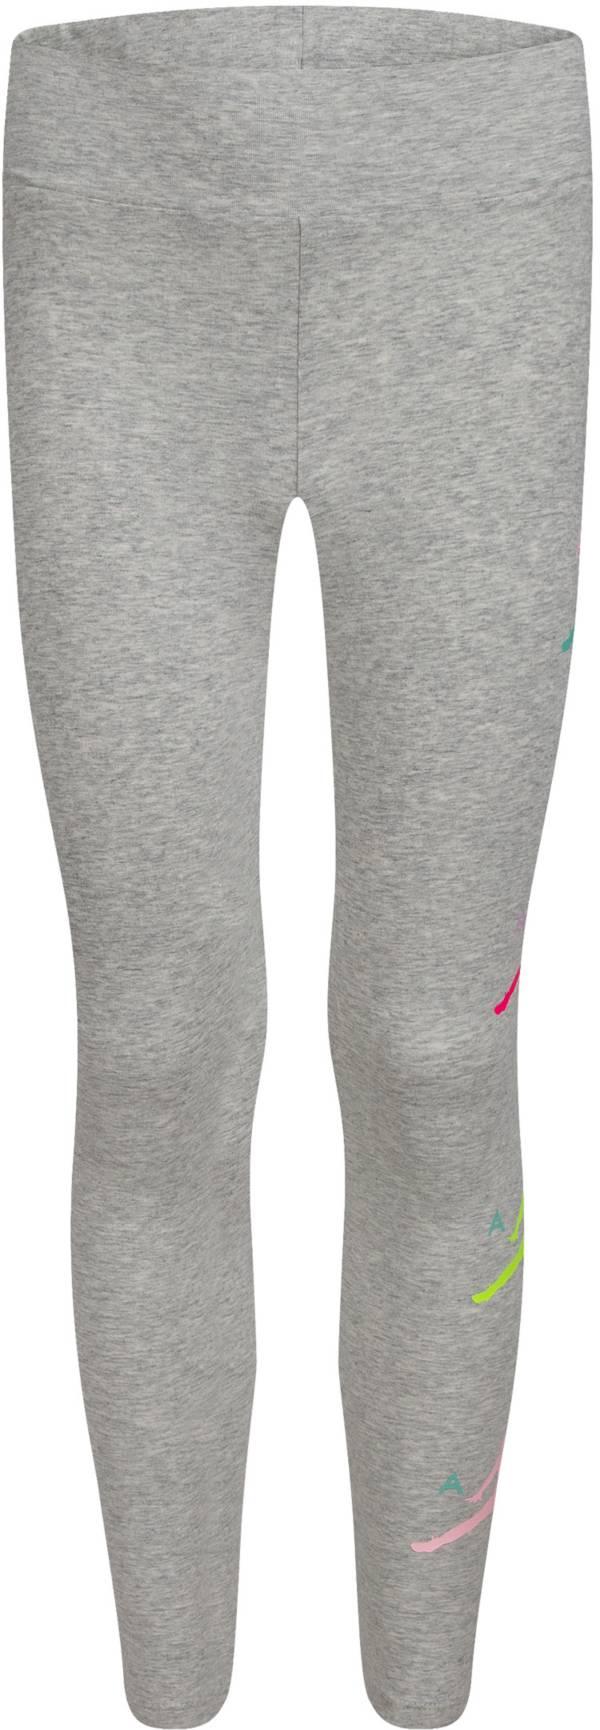 Jordan Girls' Air Leggings product image